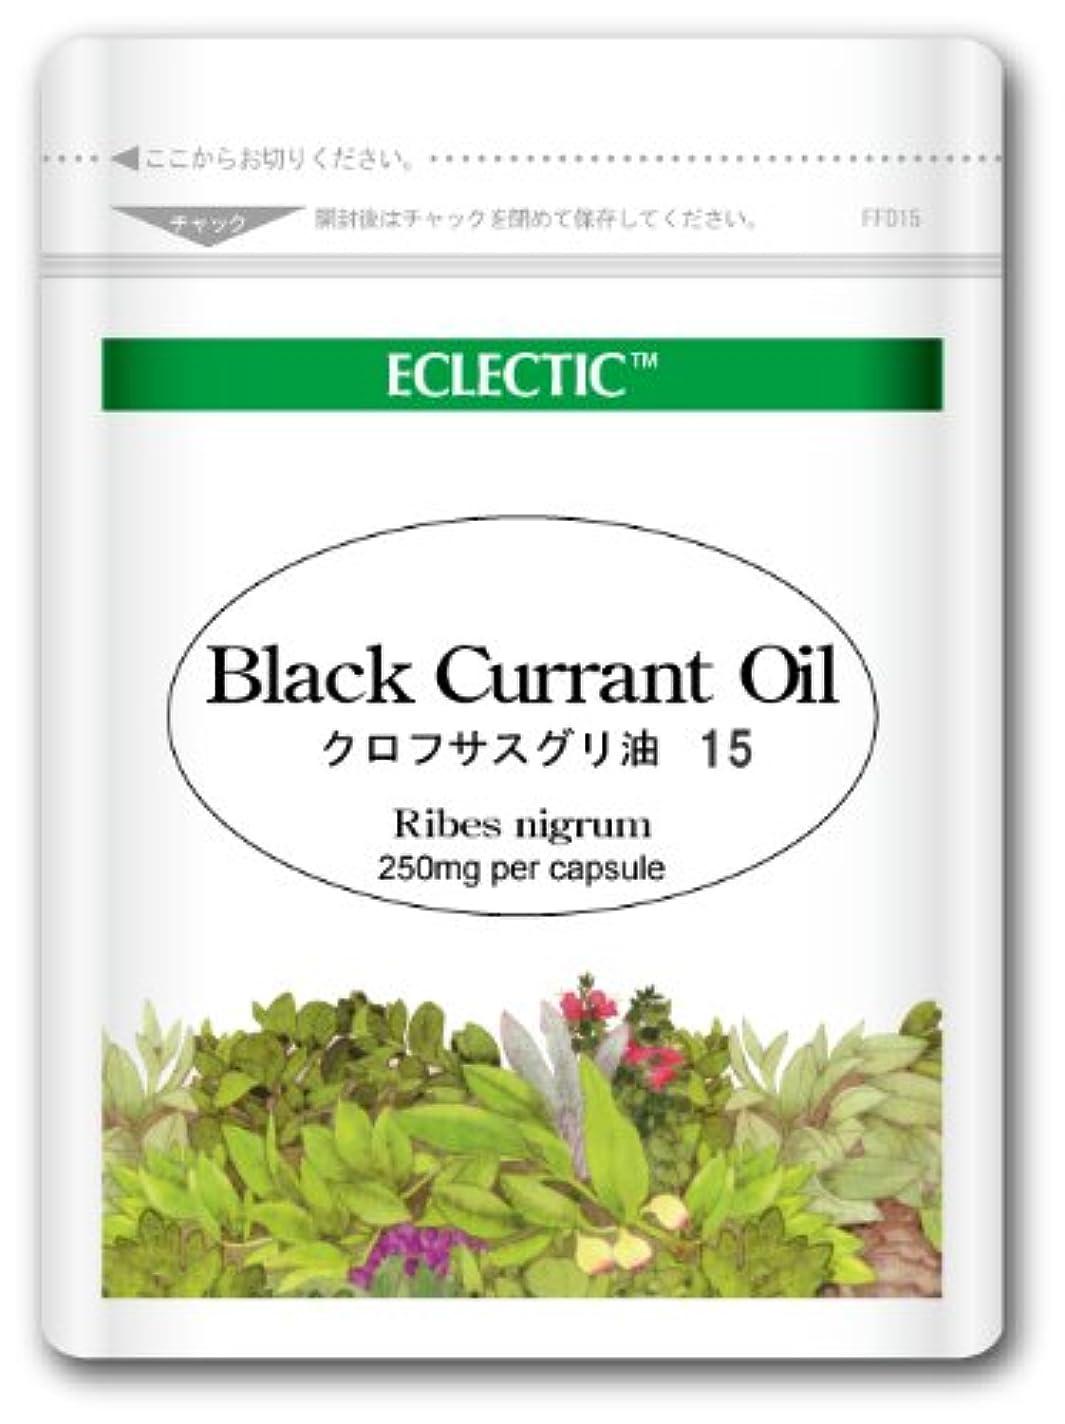 皿遷移ハント【クロフサスグリ油 (Black Currant Oil) オイル 250mg 15カプセル Ecoパック / エクレクティック】